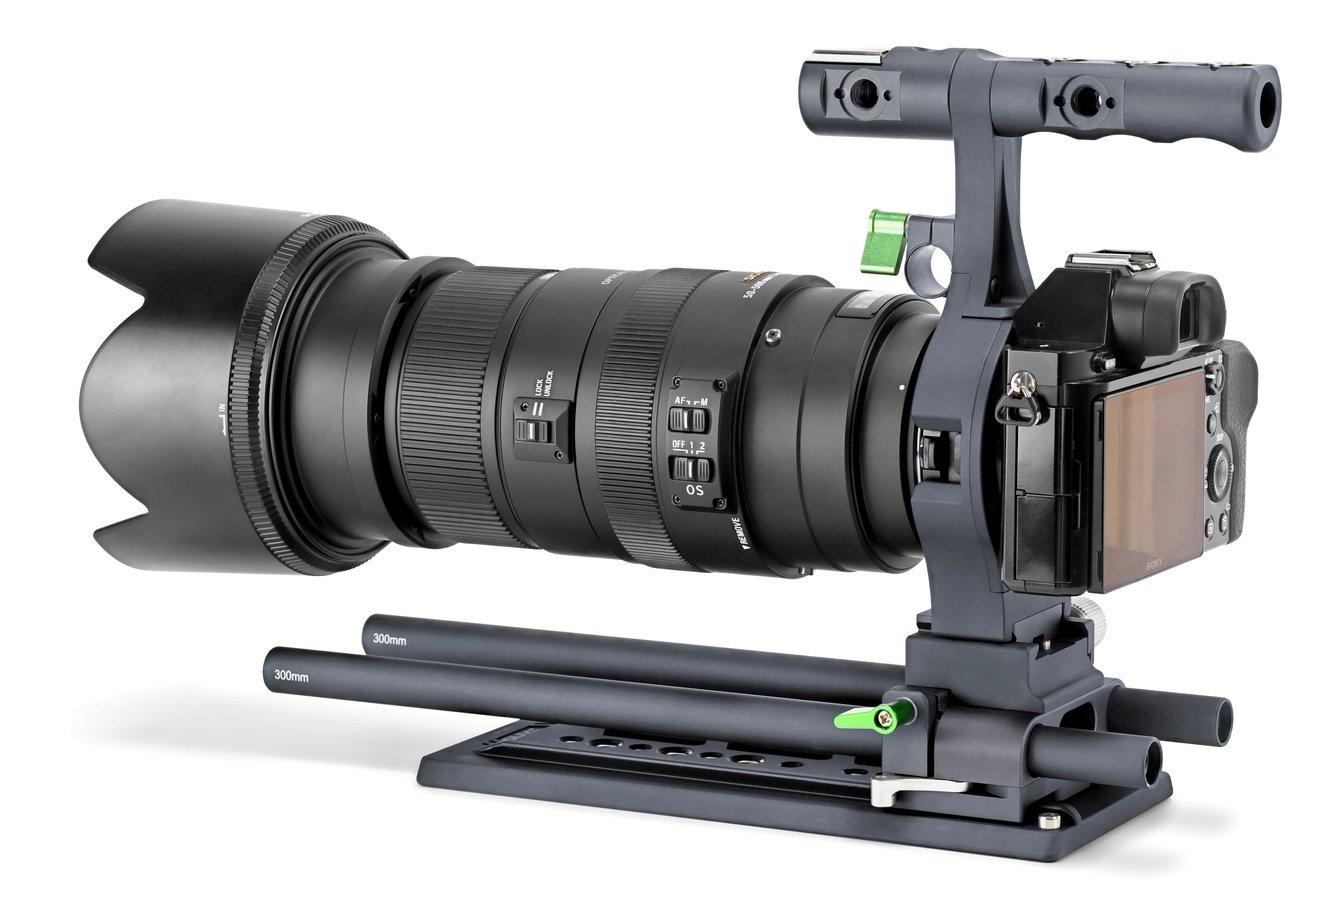 Sony A7s mit Lanparte DK-01 Cage und Sigma 50-500mm Objektiv.